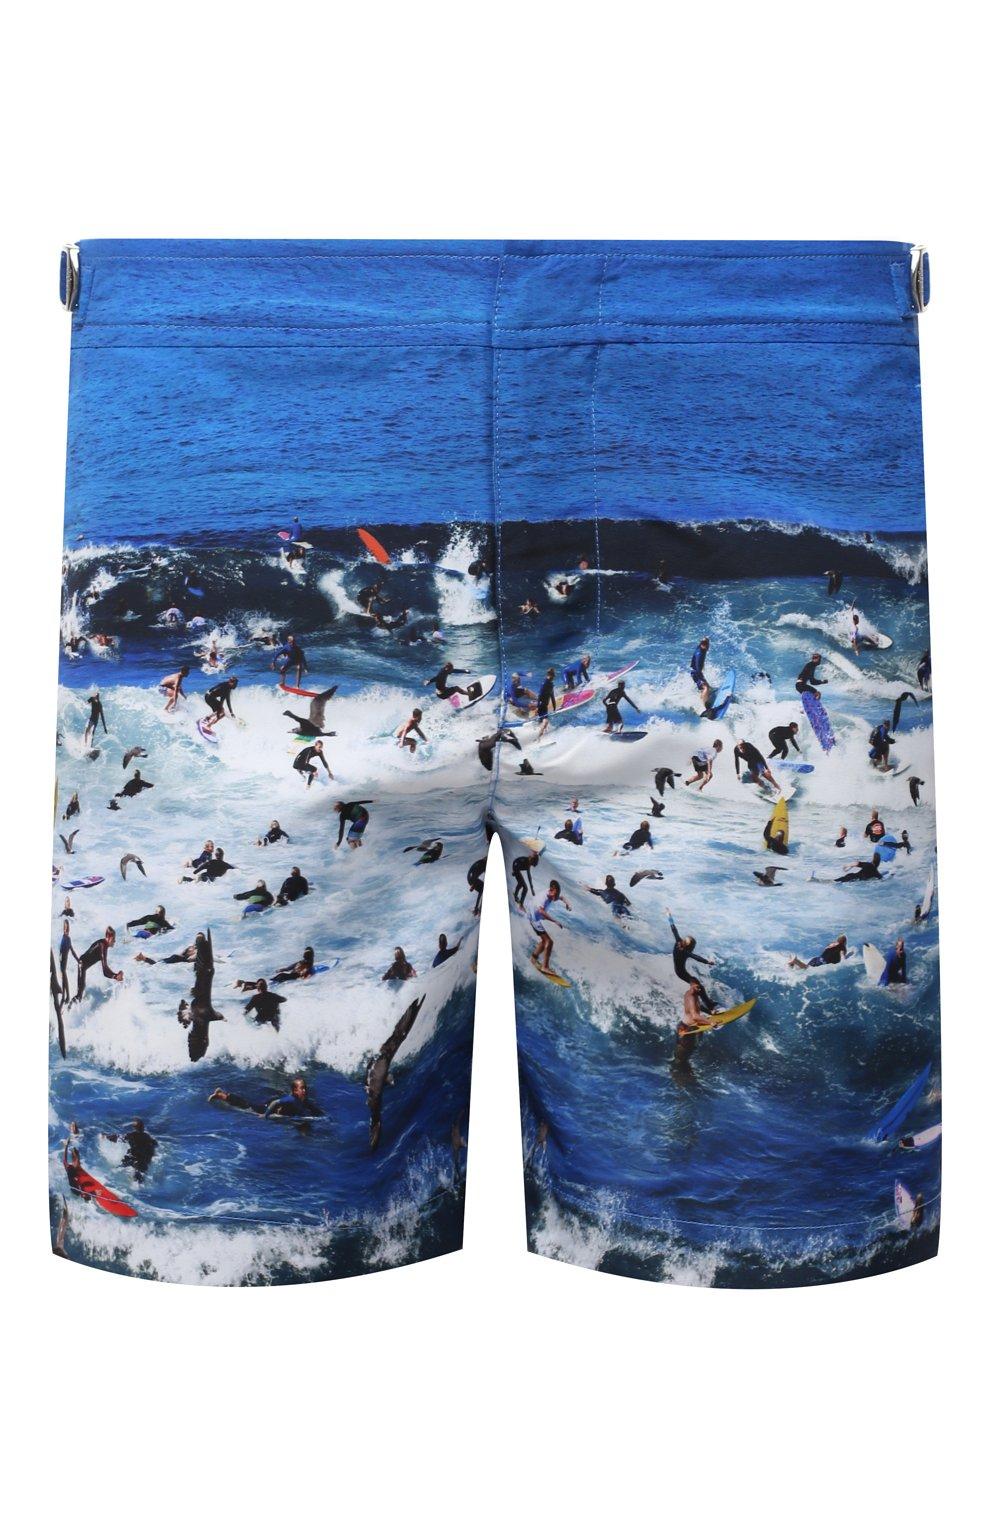 Мужские плавки-шорты ORLEBAR BROWN синего цвета, арт. 273243 | Фото 1 (Материал внешний: Синтетический материал; Принт: С принтом; Мужское Кросс-КТ: плавки-шорты)